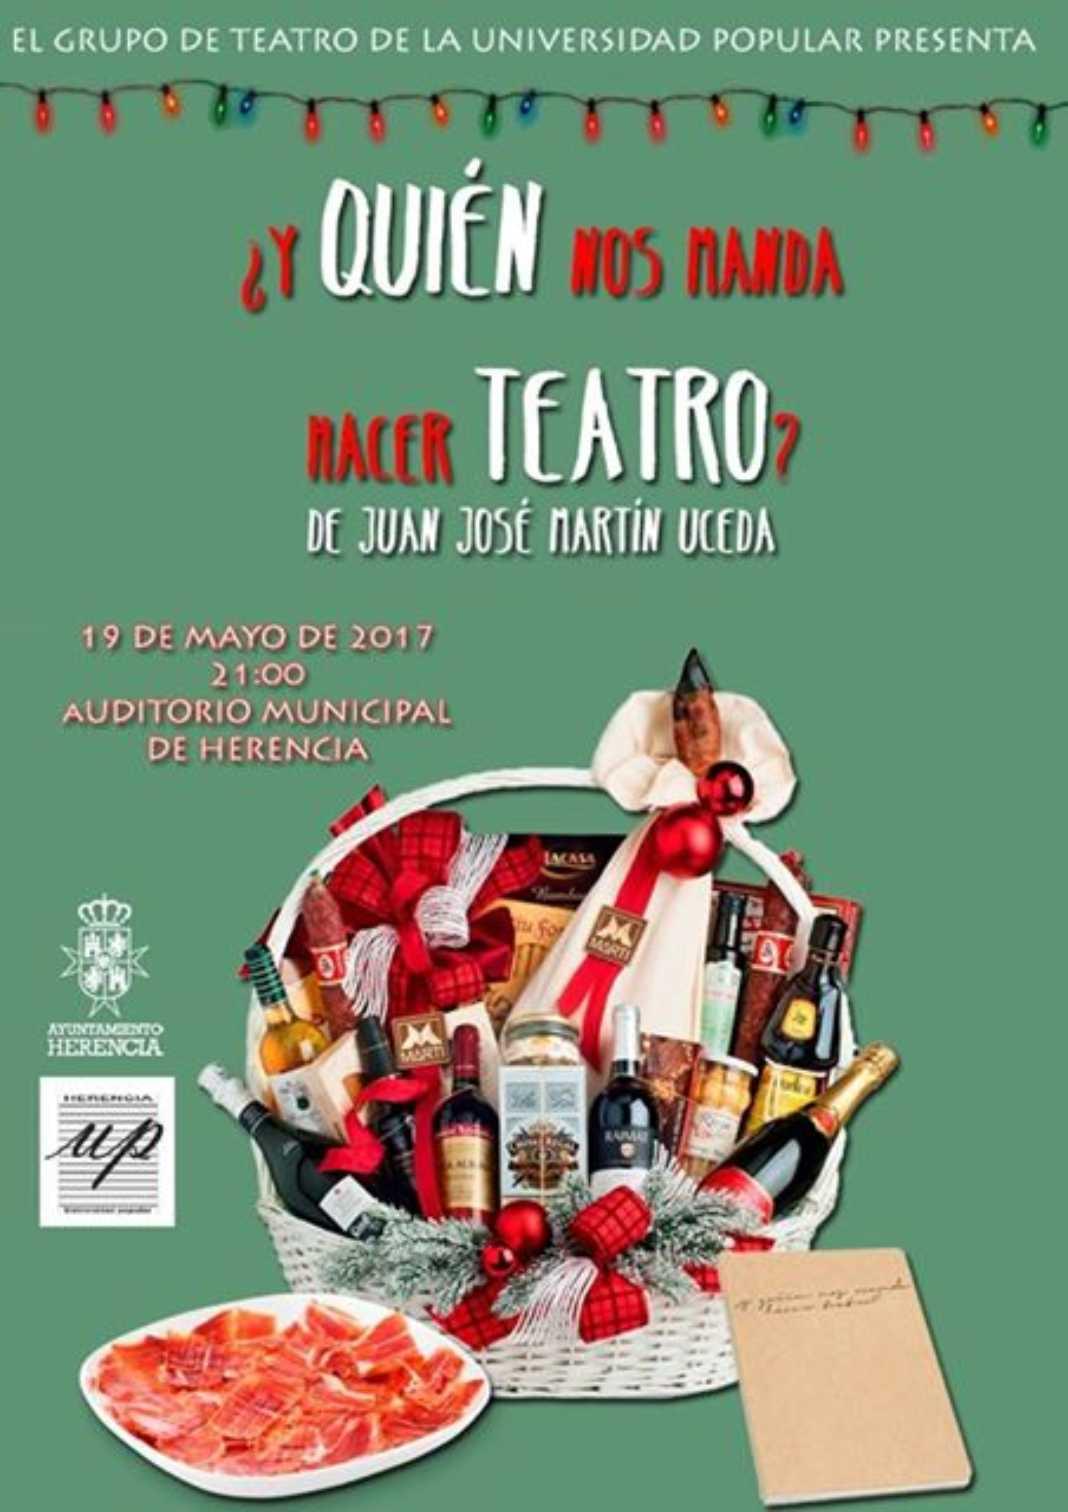 ¿Y quién nos manda hacer teatro?  Teatro de la Universidad Popular 2